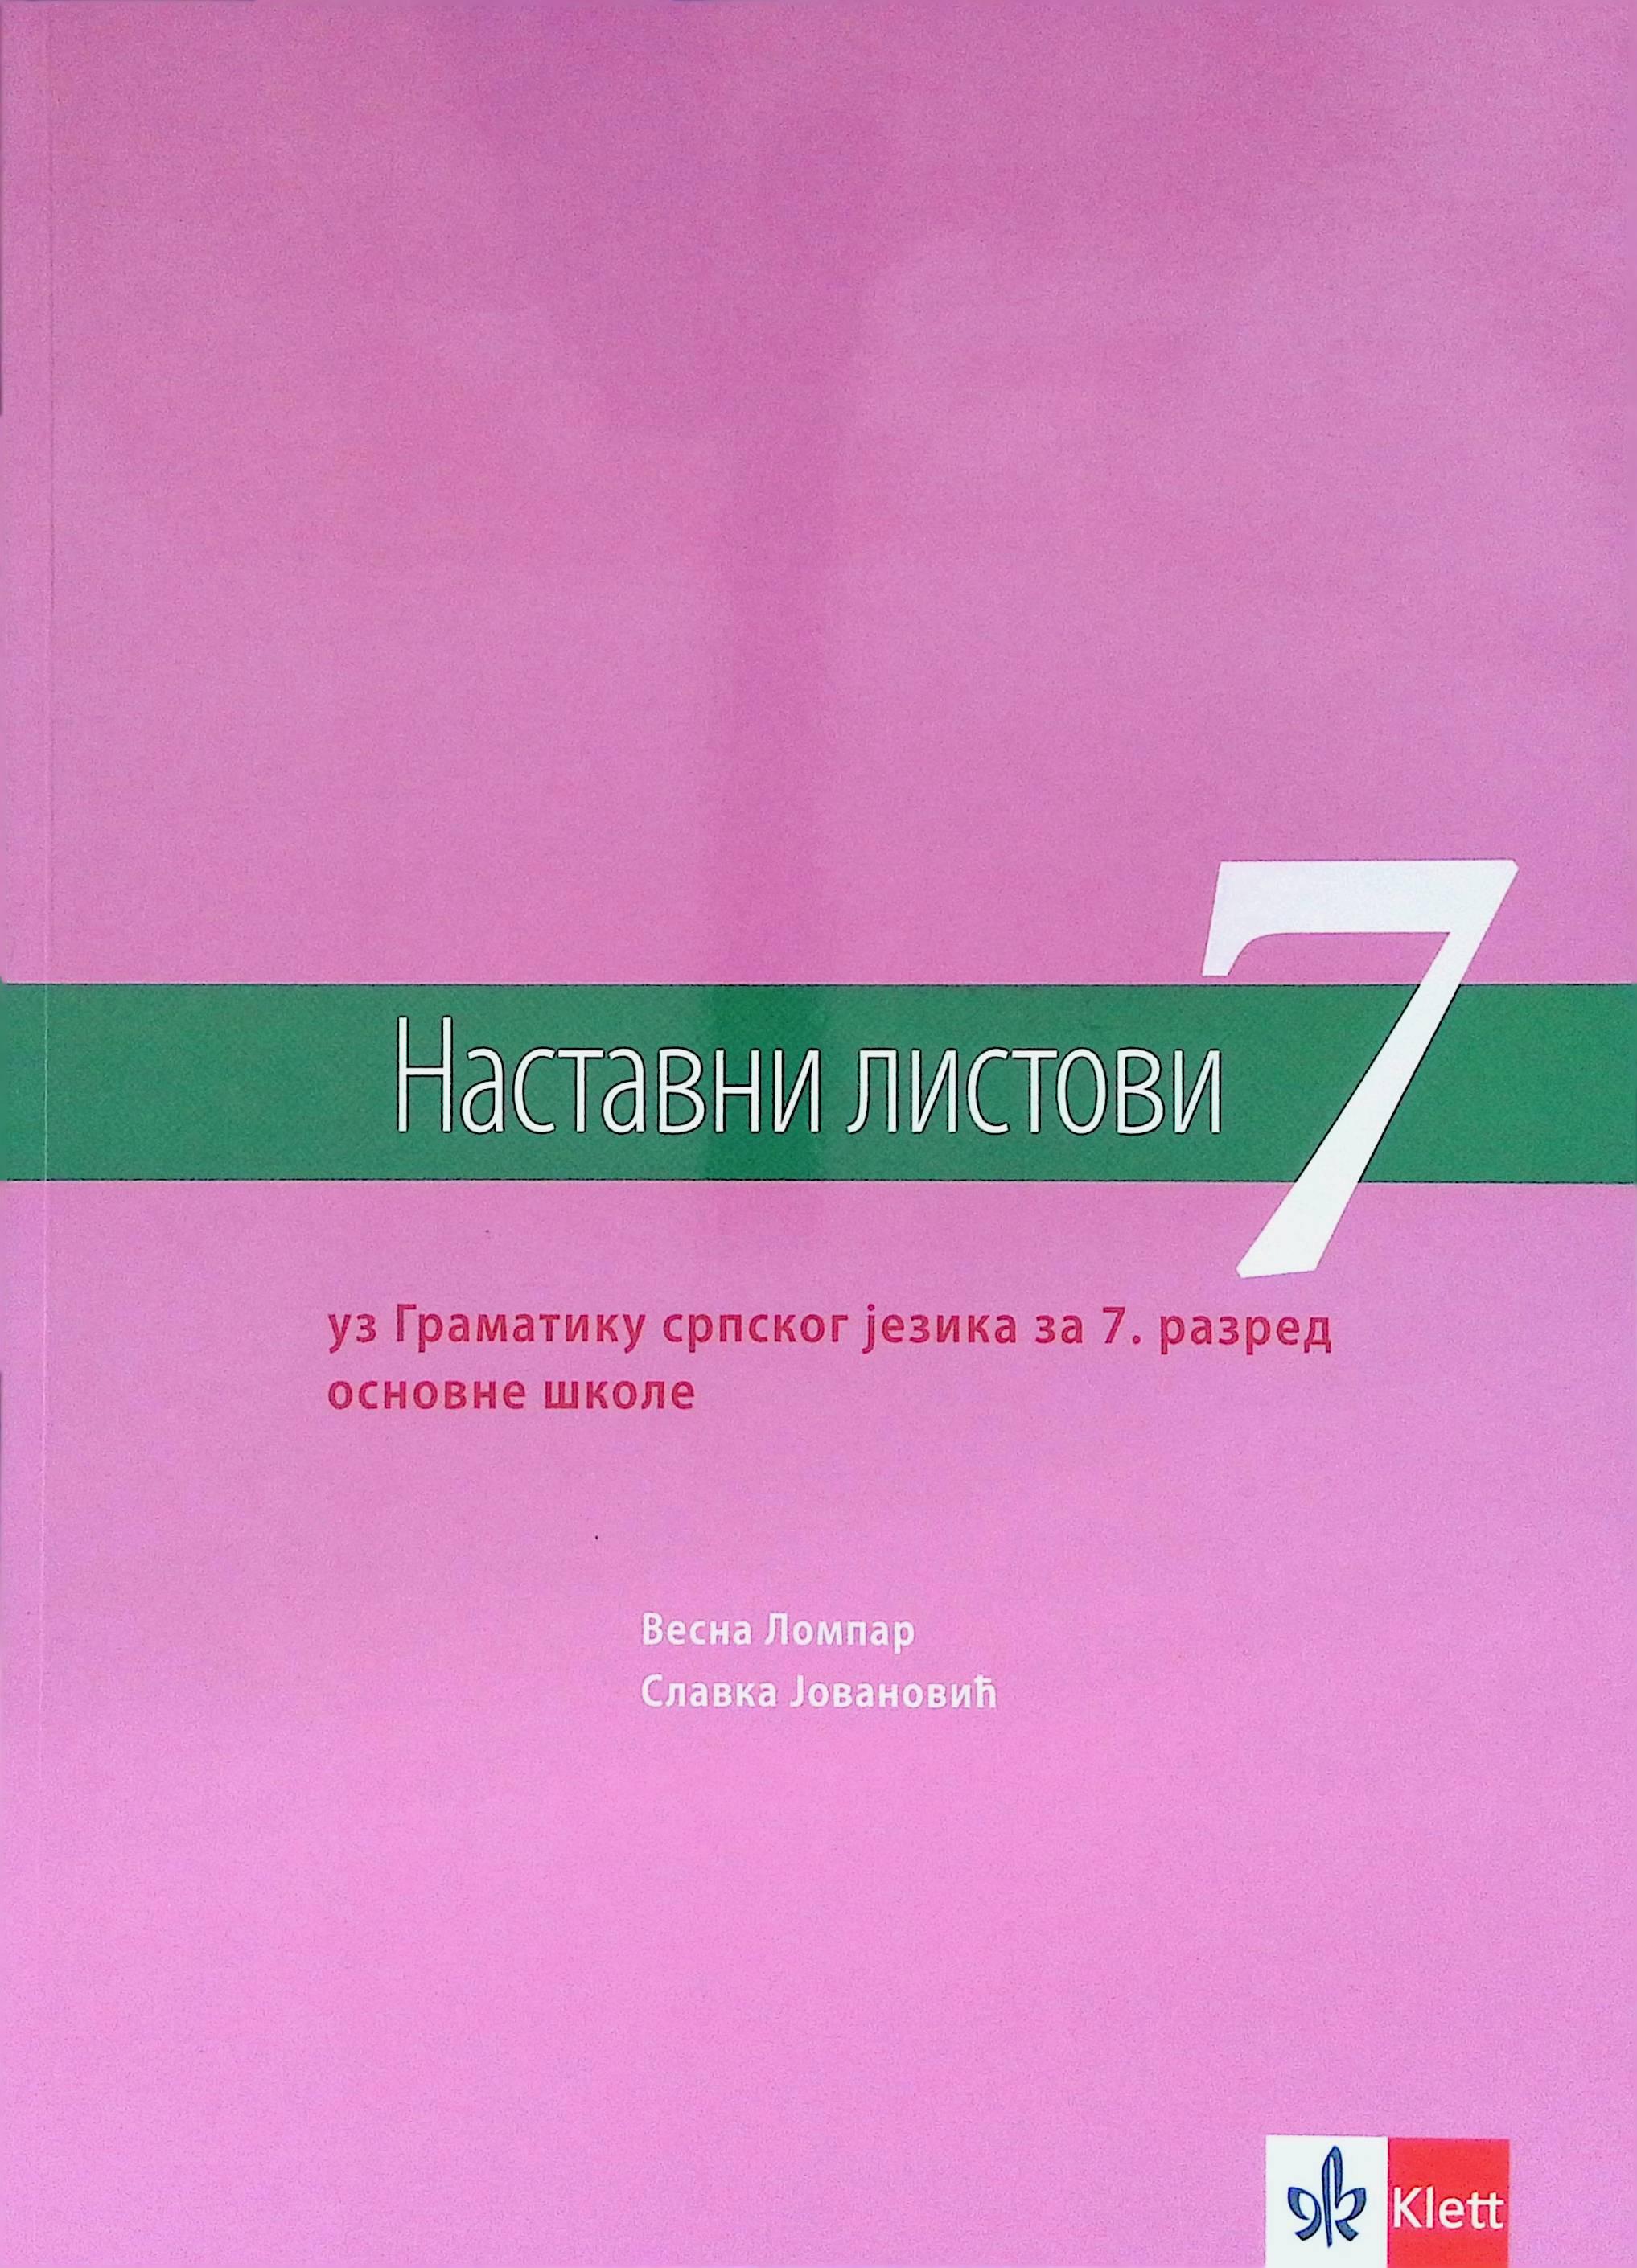 Srpski jezik 7, nastavni listovi uz gramatiku